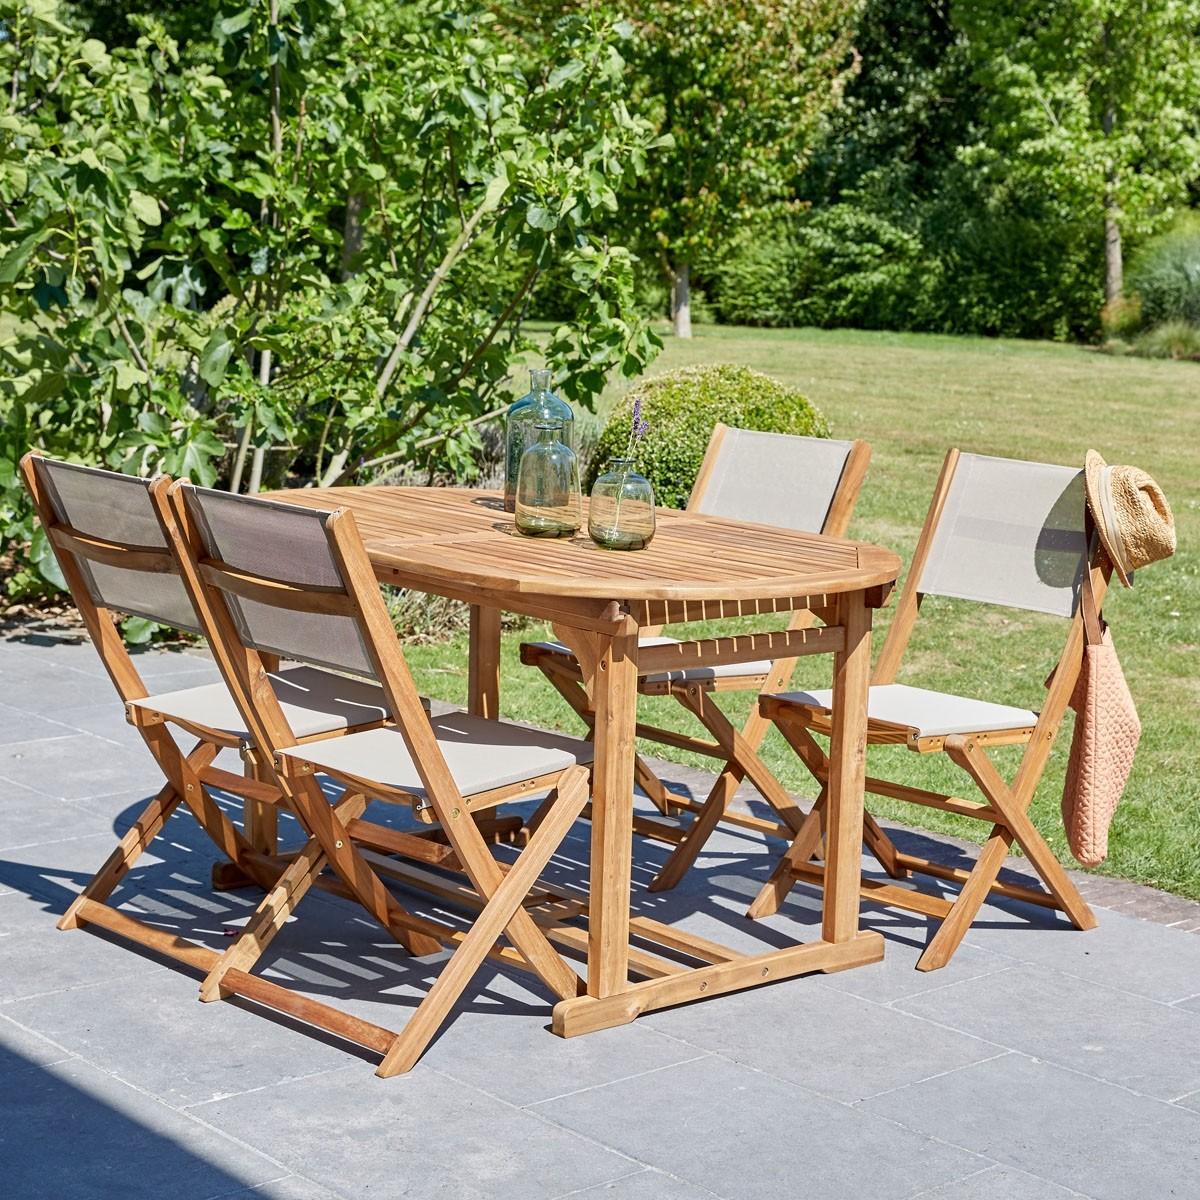 Salon de jardin en bois d 39 acacia et textil ne bois dessus bois dessous - Salon de jardin acacia et alu ...